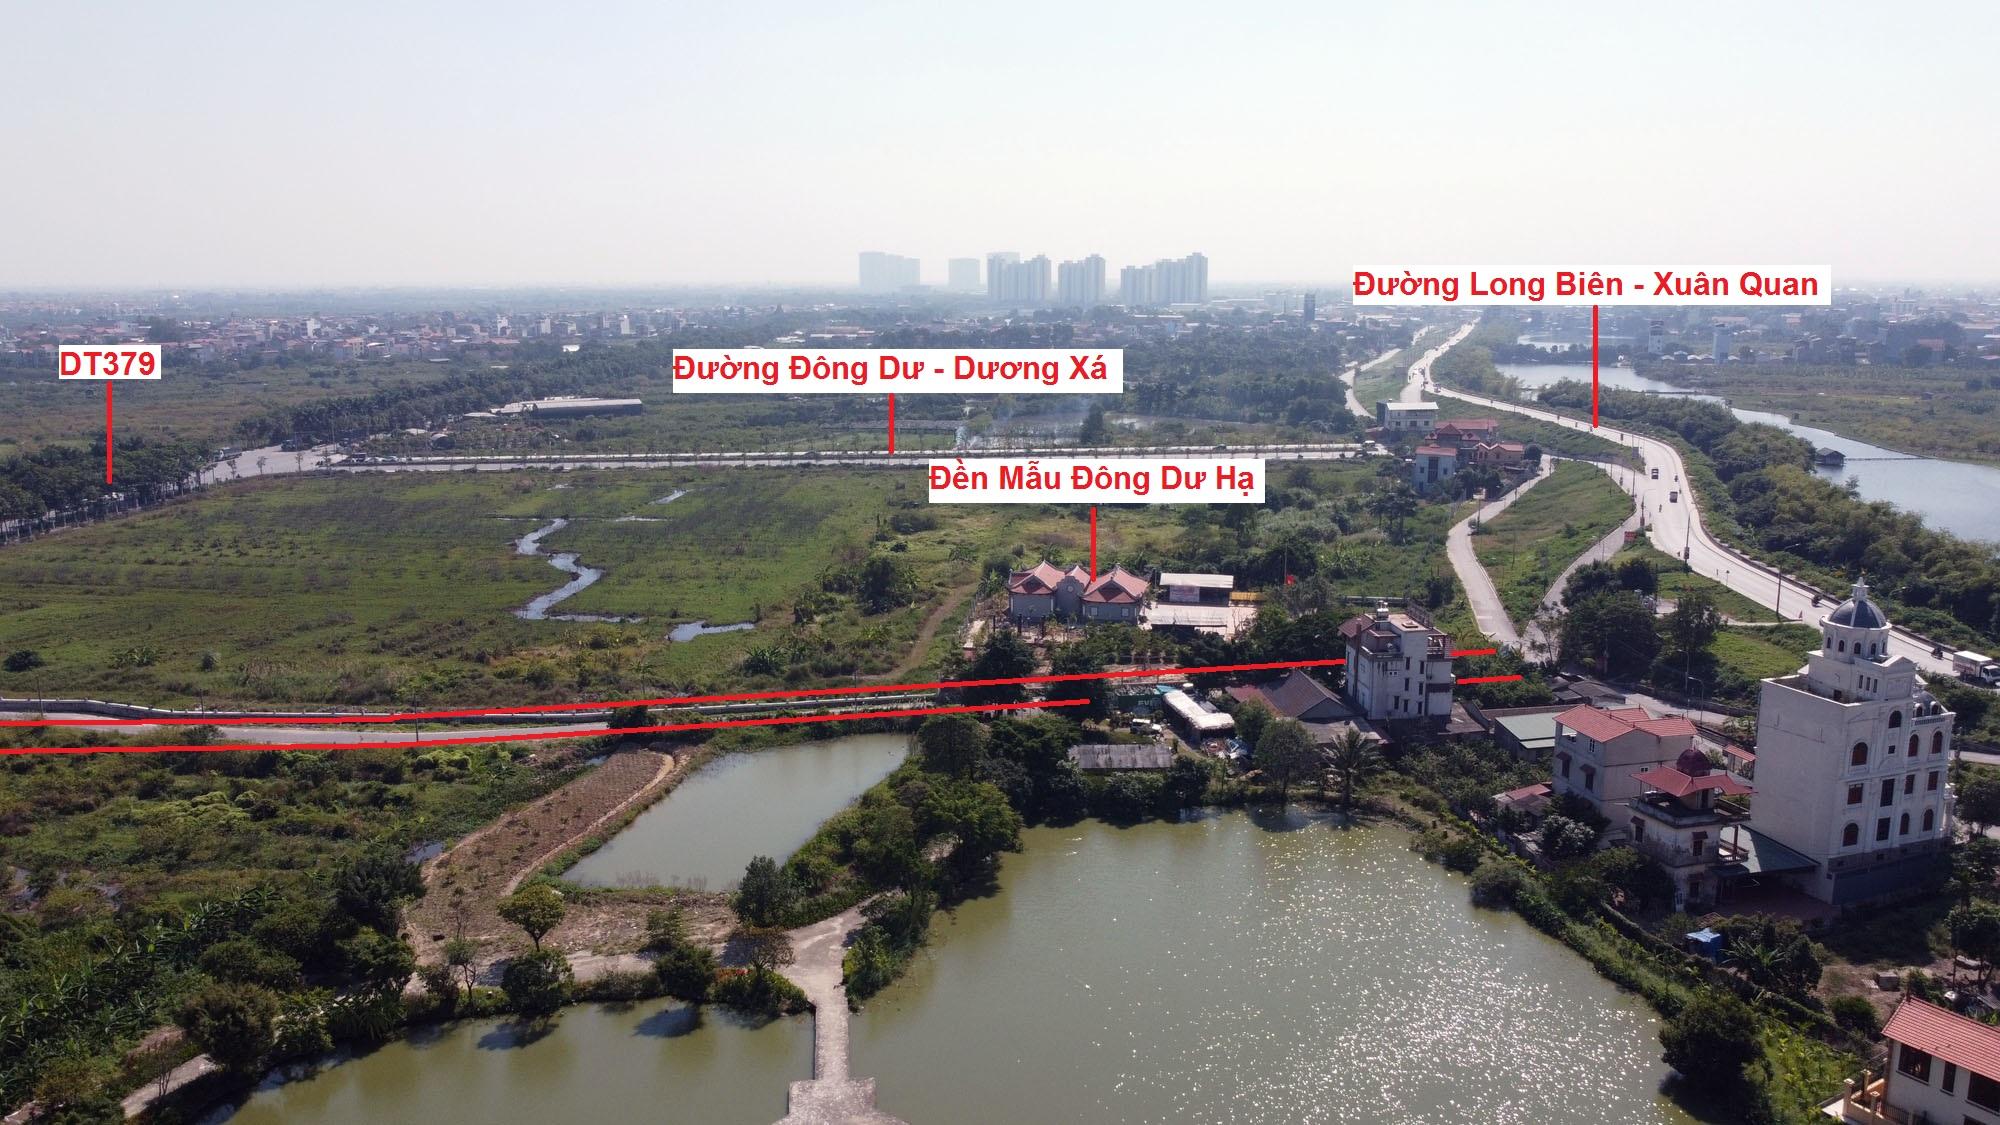 đường sẽ mở theo qui hoạch ở xã Đông Dư, Gia Lâm, Hà Nội - Ảnh 3.